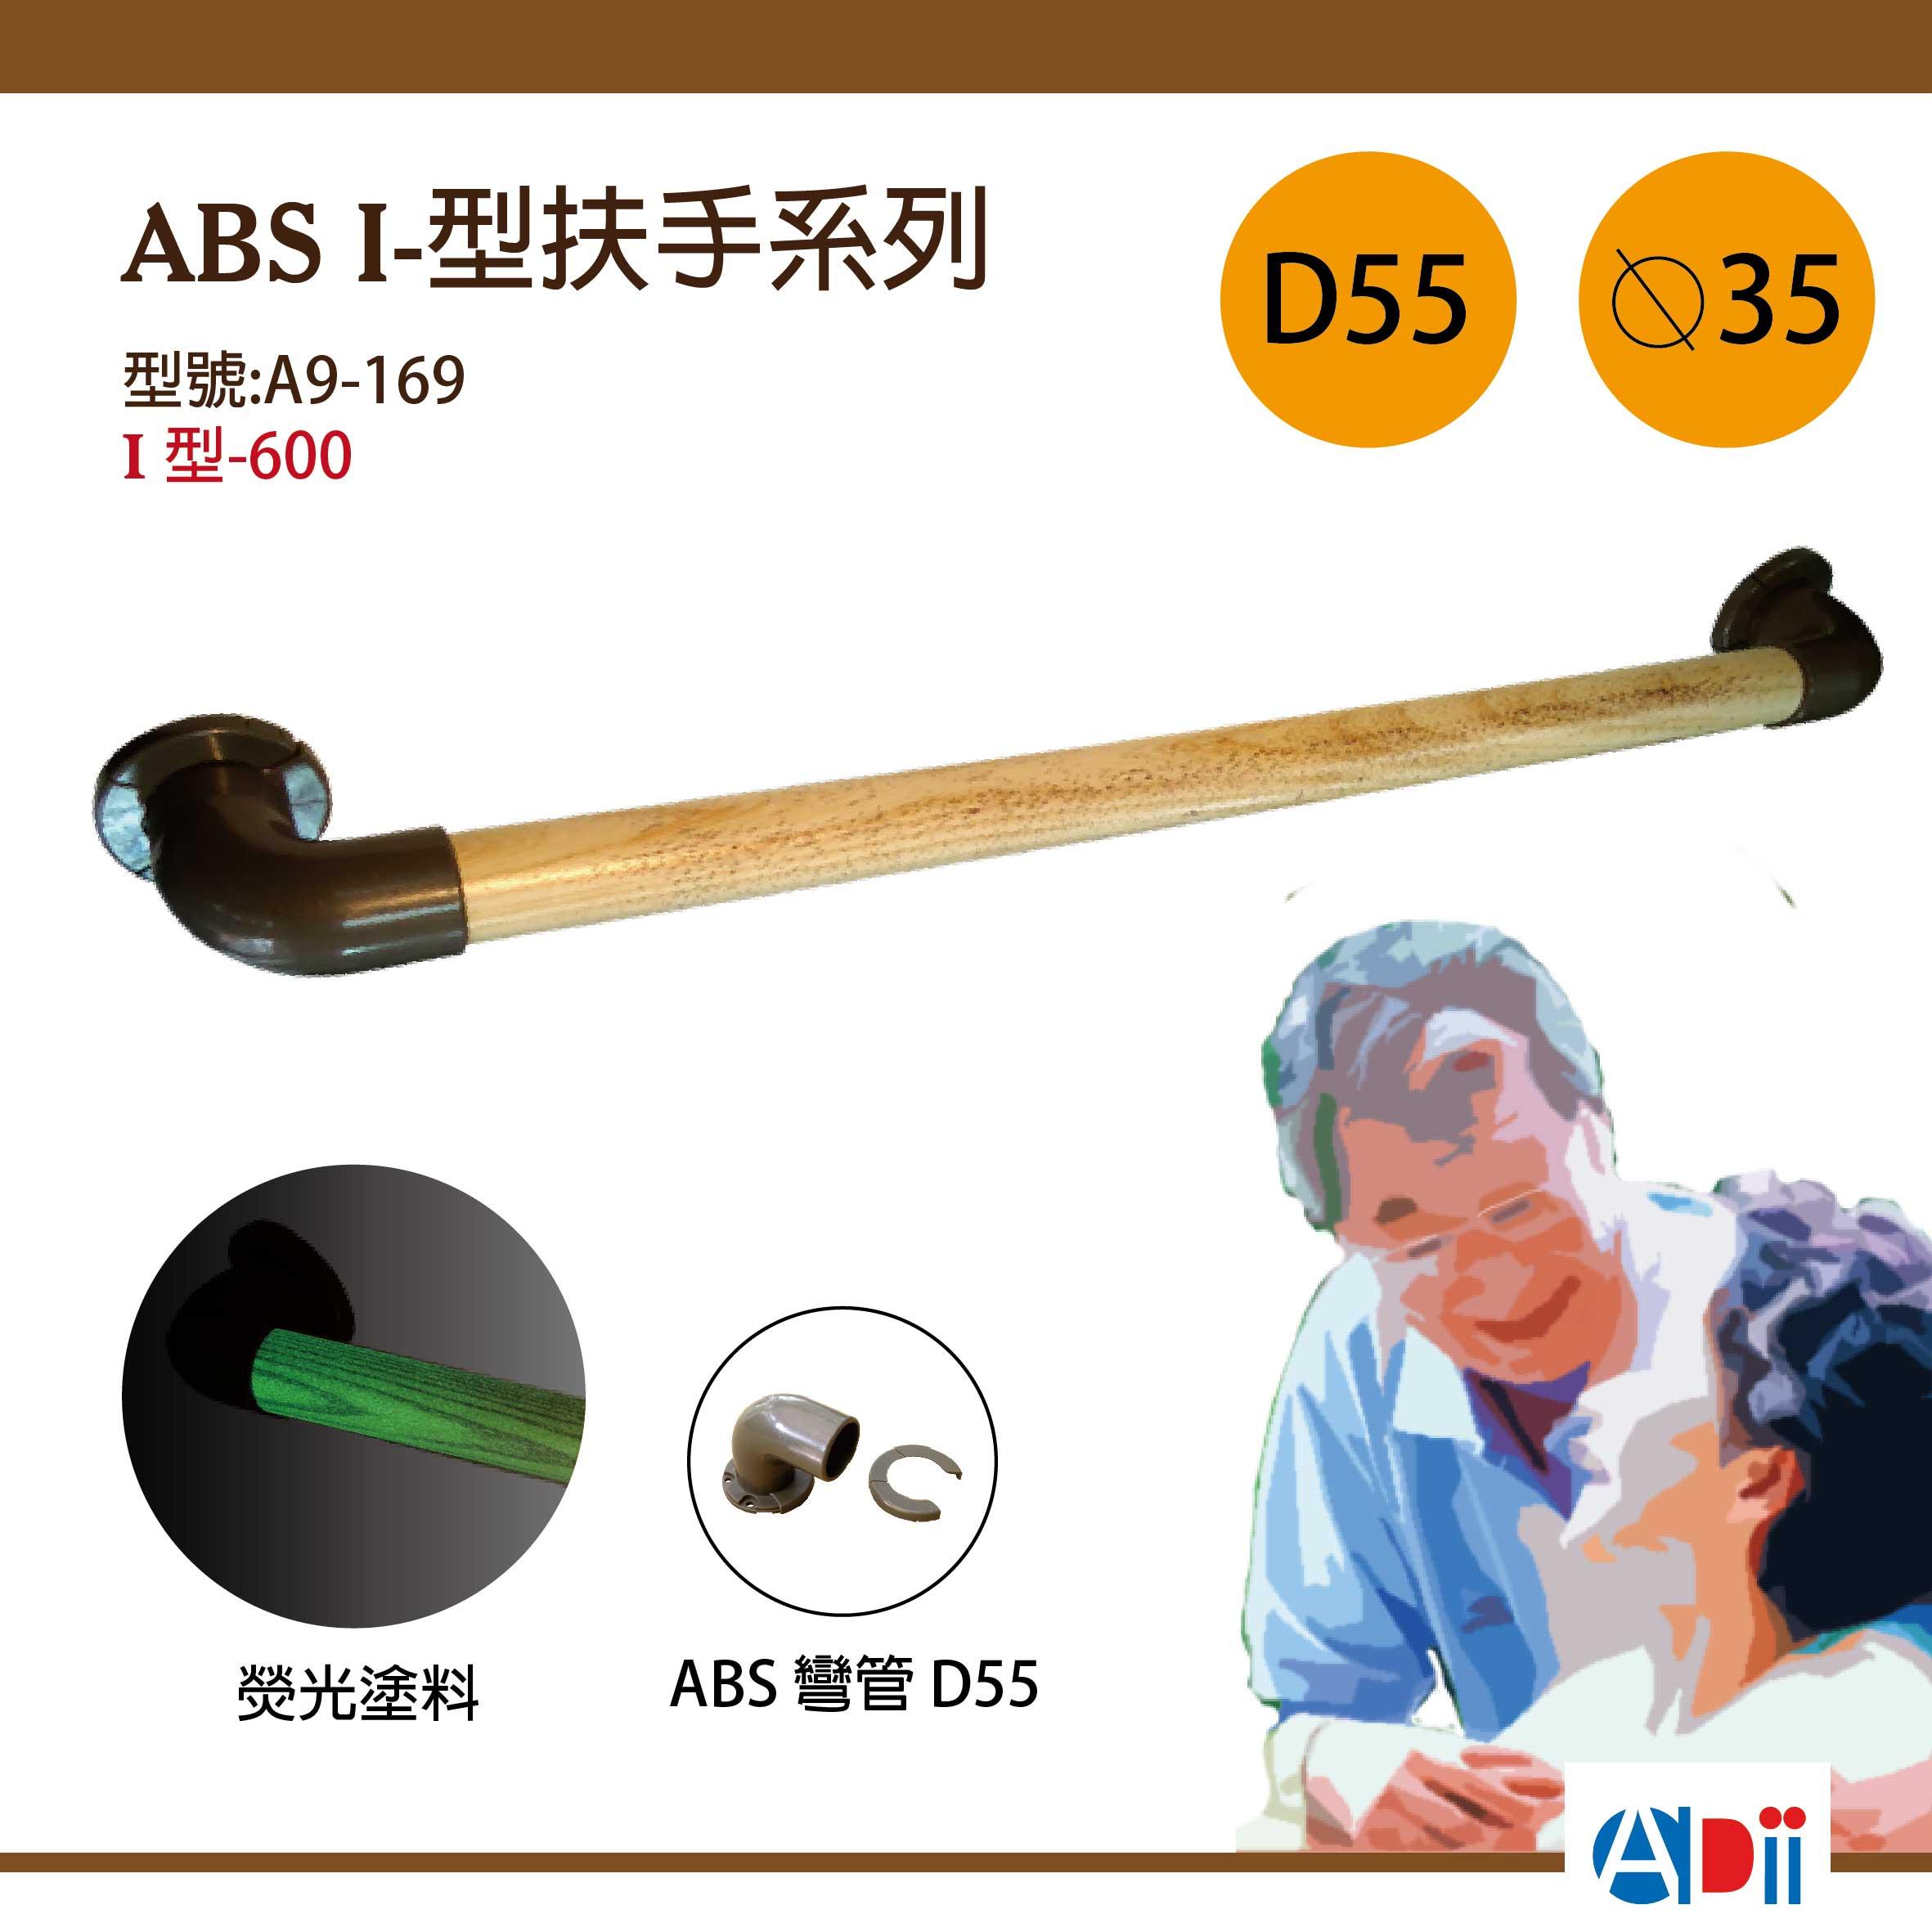 【美天樂】ABS-I型扶手600夜光扶手 DIY銀髮族天然實木安全扶手/把手